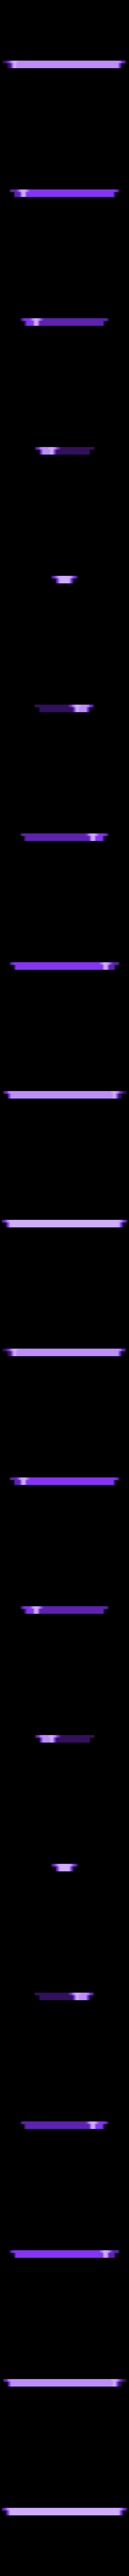 Bondtech_incruste.STL Download free STL file Direct Drive- E3DV6- Bondtech (right)-Bltouch • 3D printer template, kim_razor